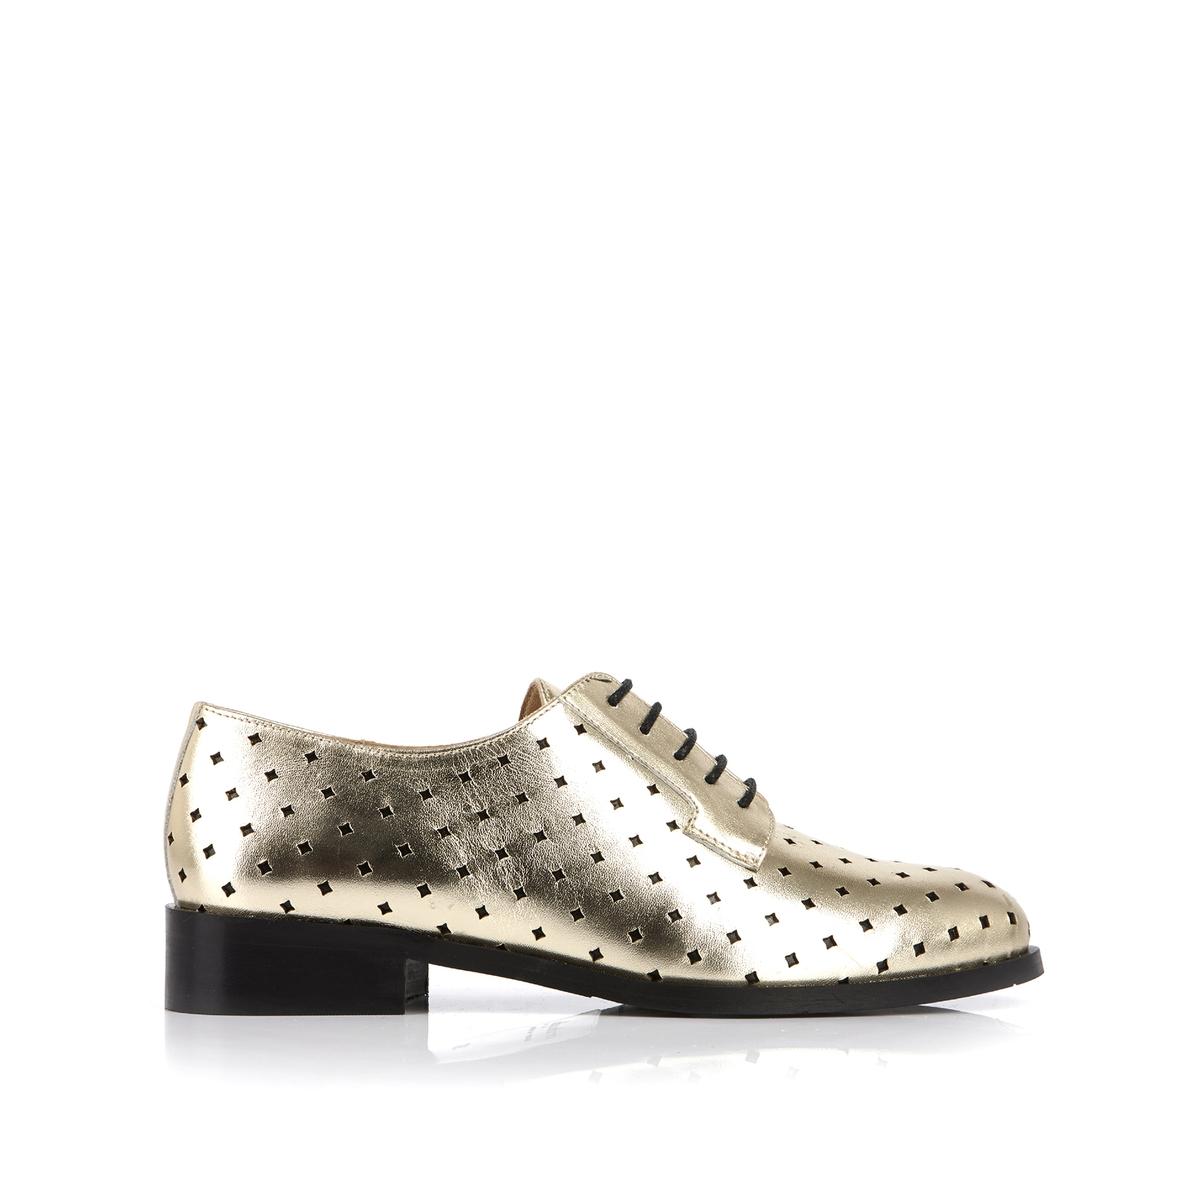 Ботинки-дерби кожаные Charly ботинки дерби под кожу питона